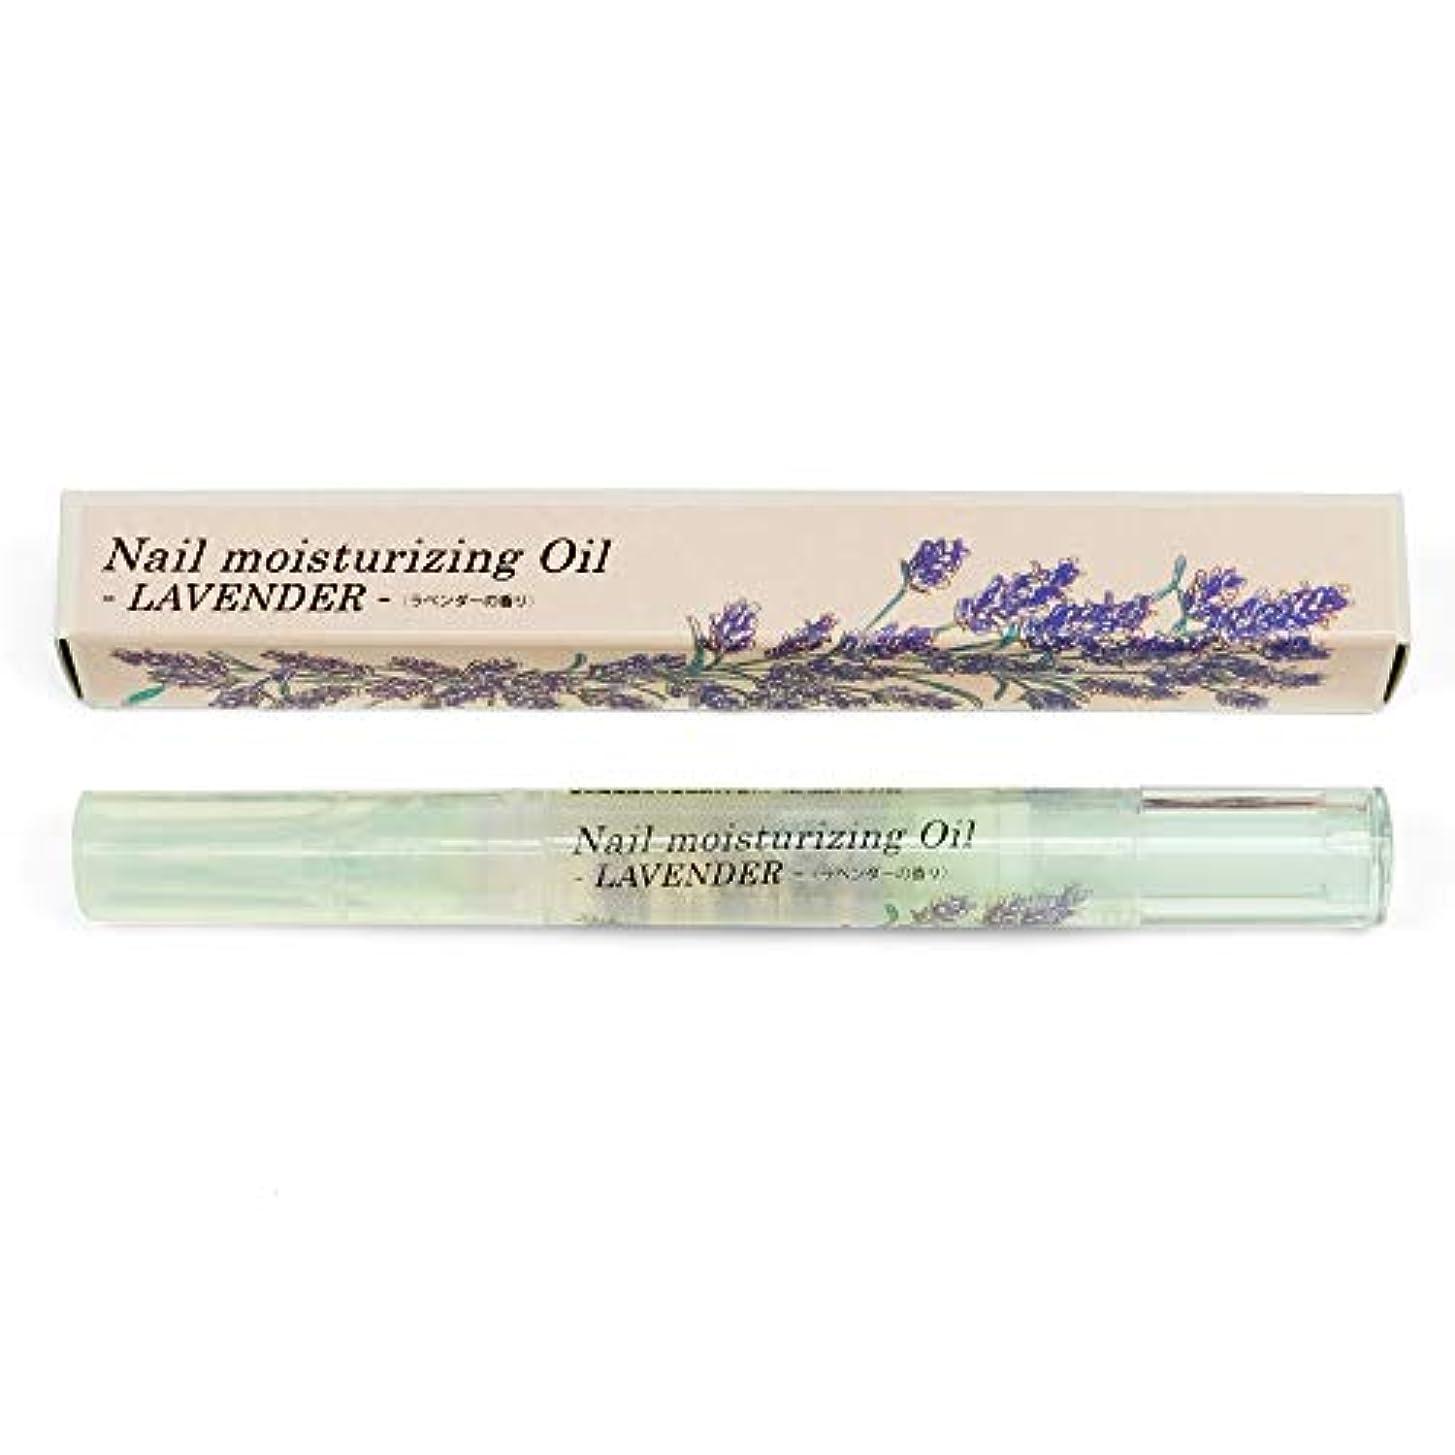 ピュースチュアート島鮫ease Nail moisturizing Oil ネイルオイルペン(ラベンダーの香り) 2ml